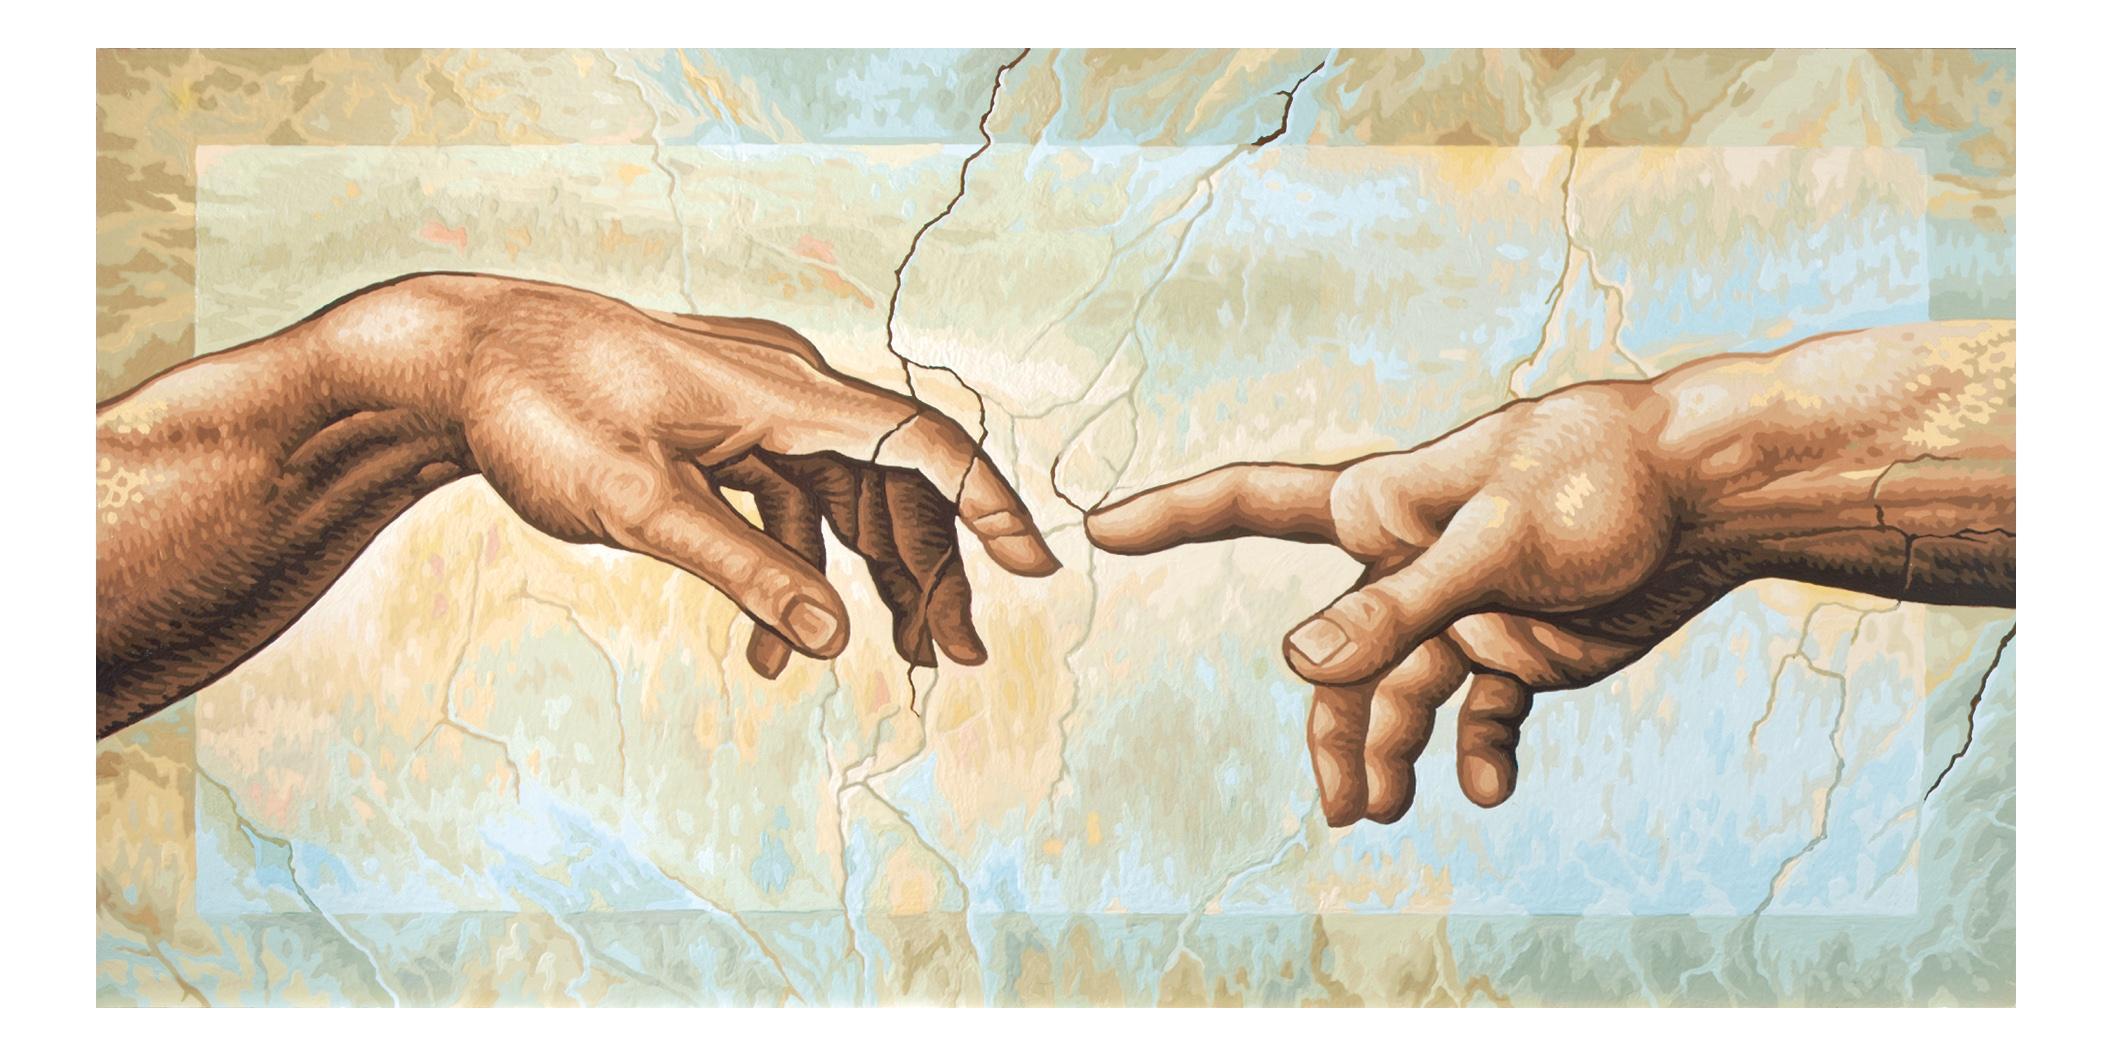 картинка сотворение мира микеланджело нужно